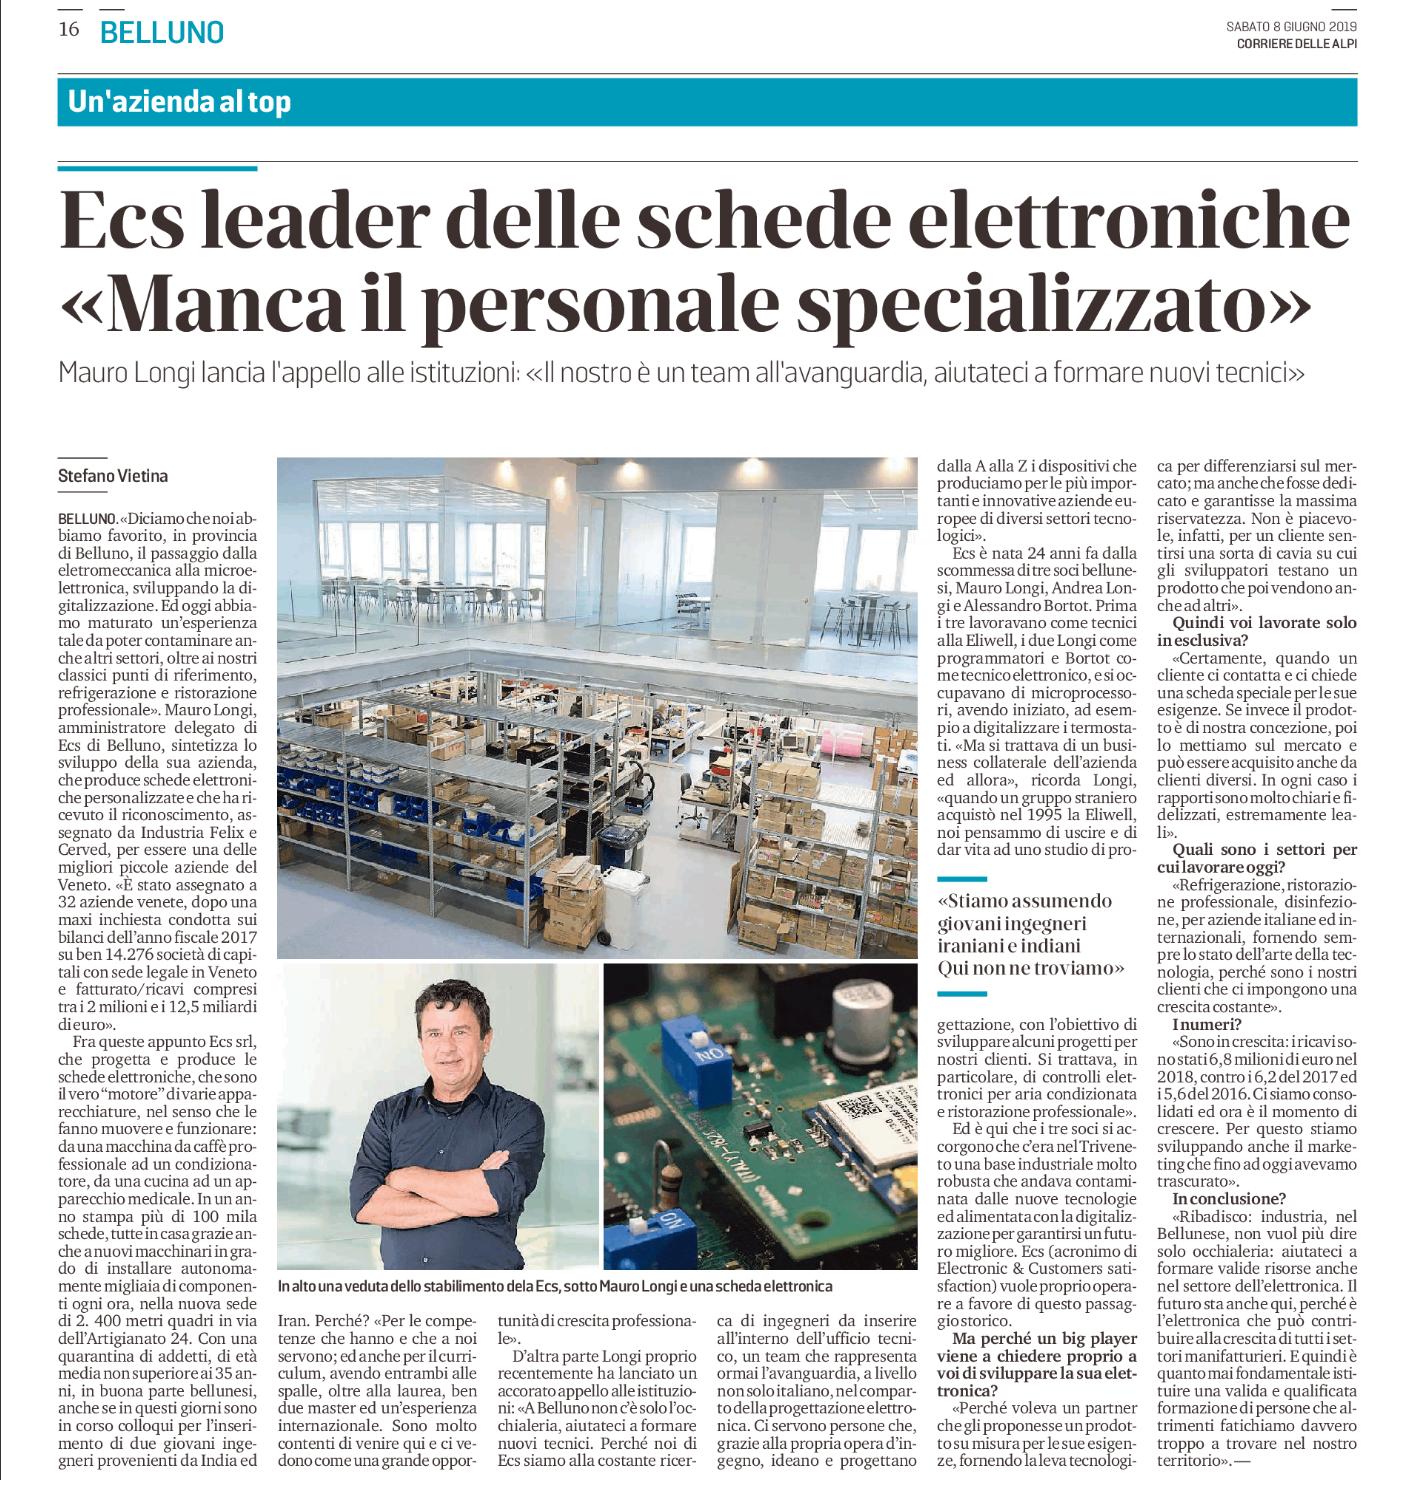 Articolo del Corriere delle Alpi su ECS